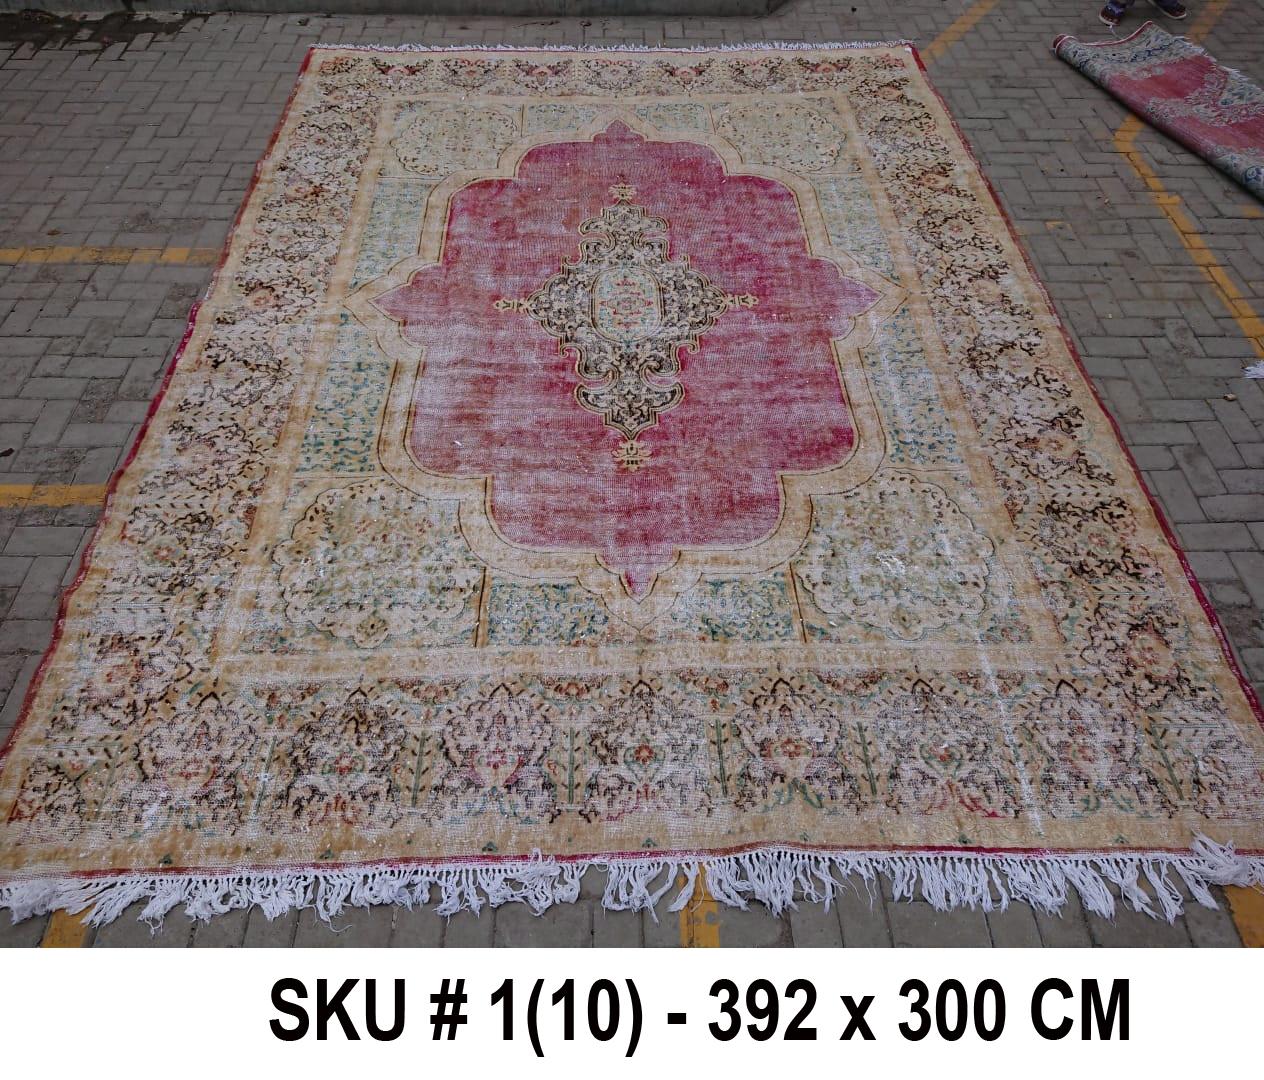 Vintage vloerkleed zandkleur met rood, nr.59002, 392cm x 300cm